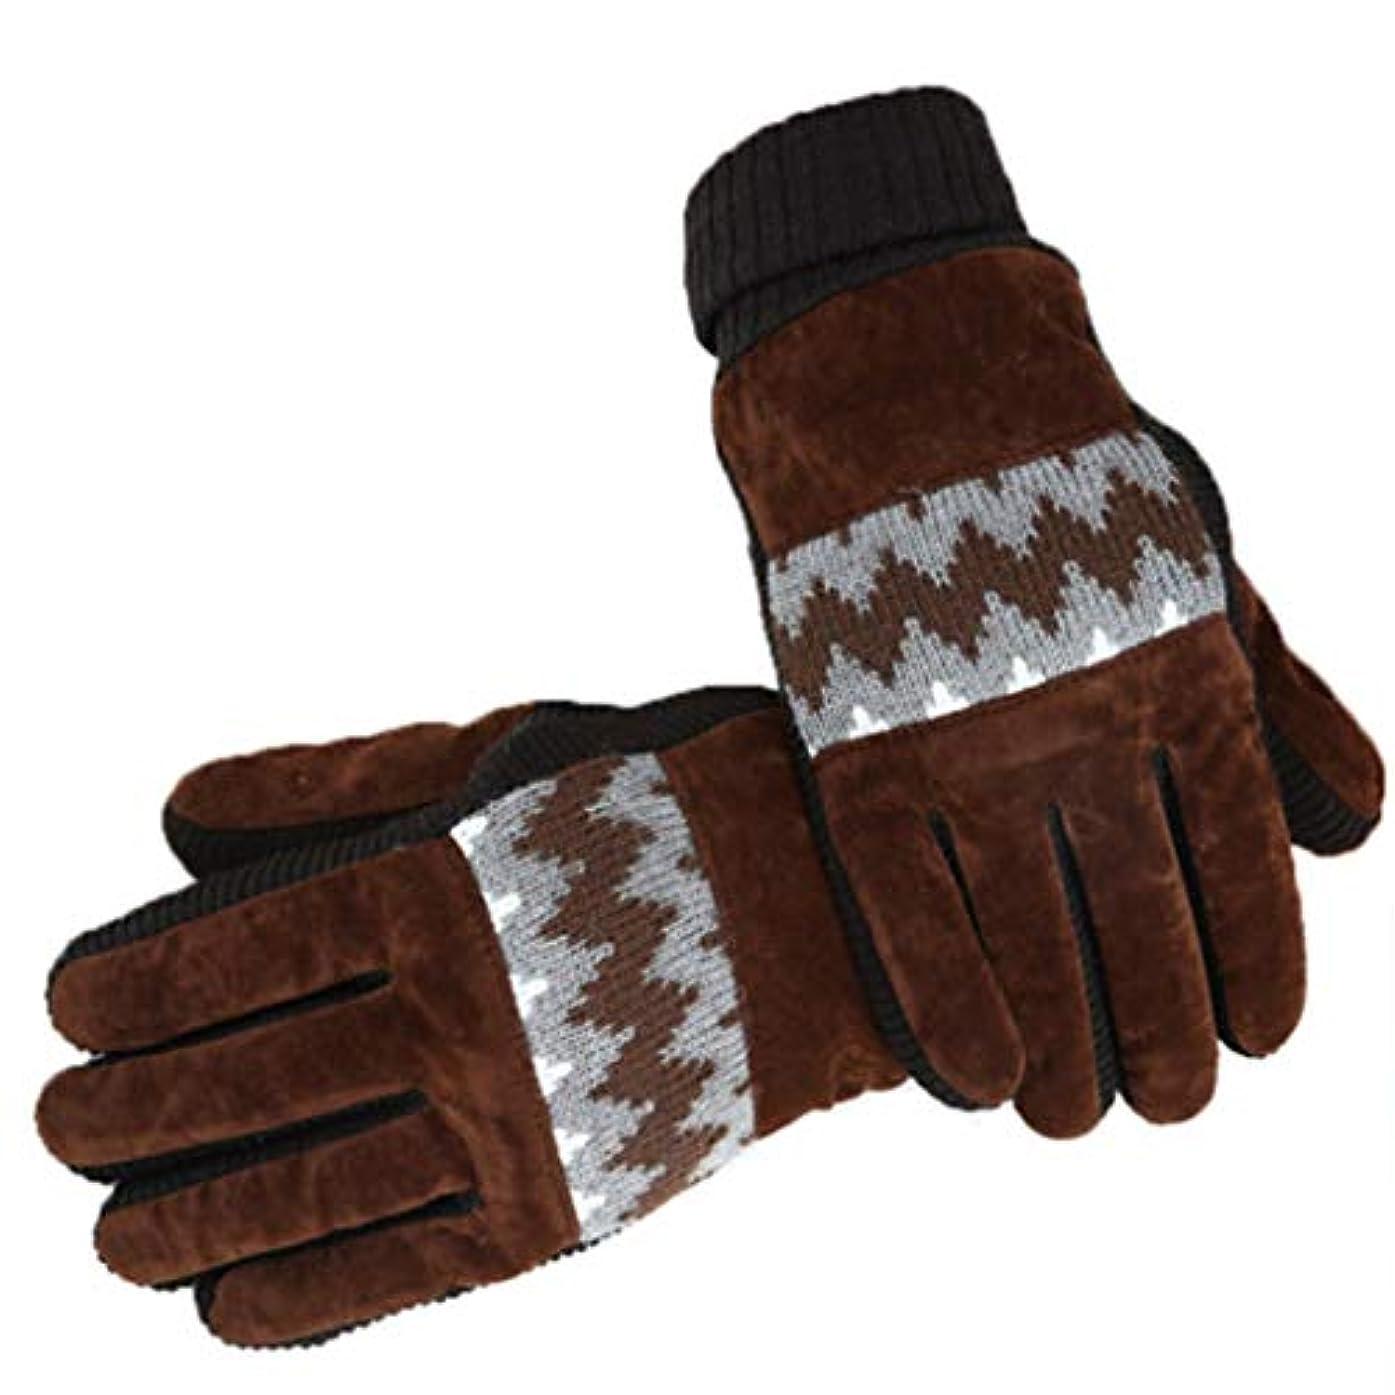 スクラップ同行する所持手袋の男性の冬プラスベルベット寒い暖かいサイクリング秋と冬の防風タッチスクリーンの綿手袋の水リップル黒 (色 : Brown)